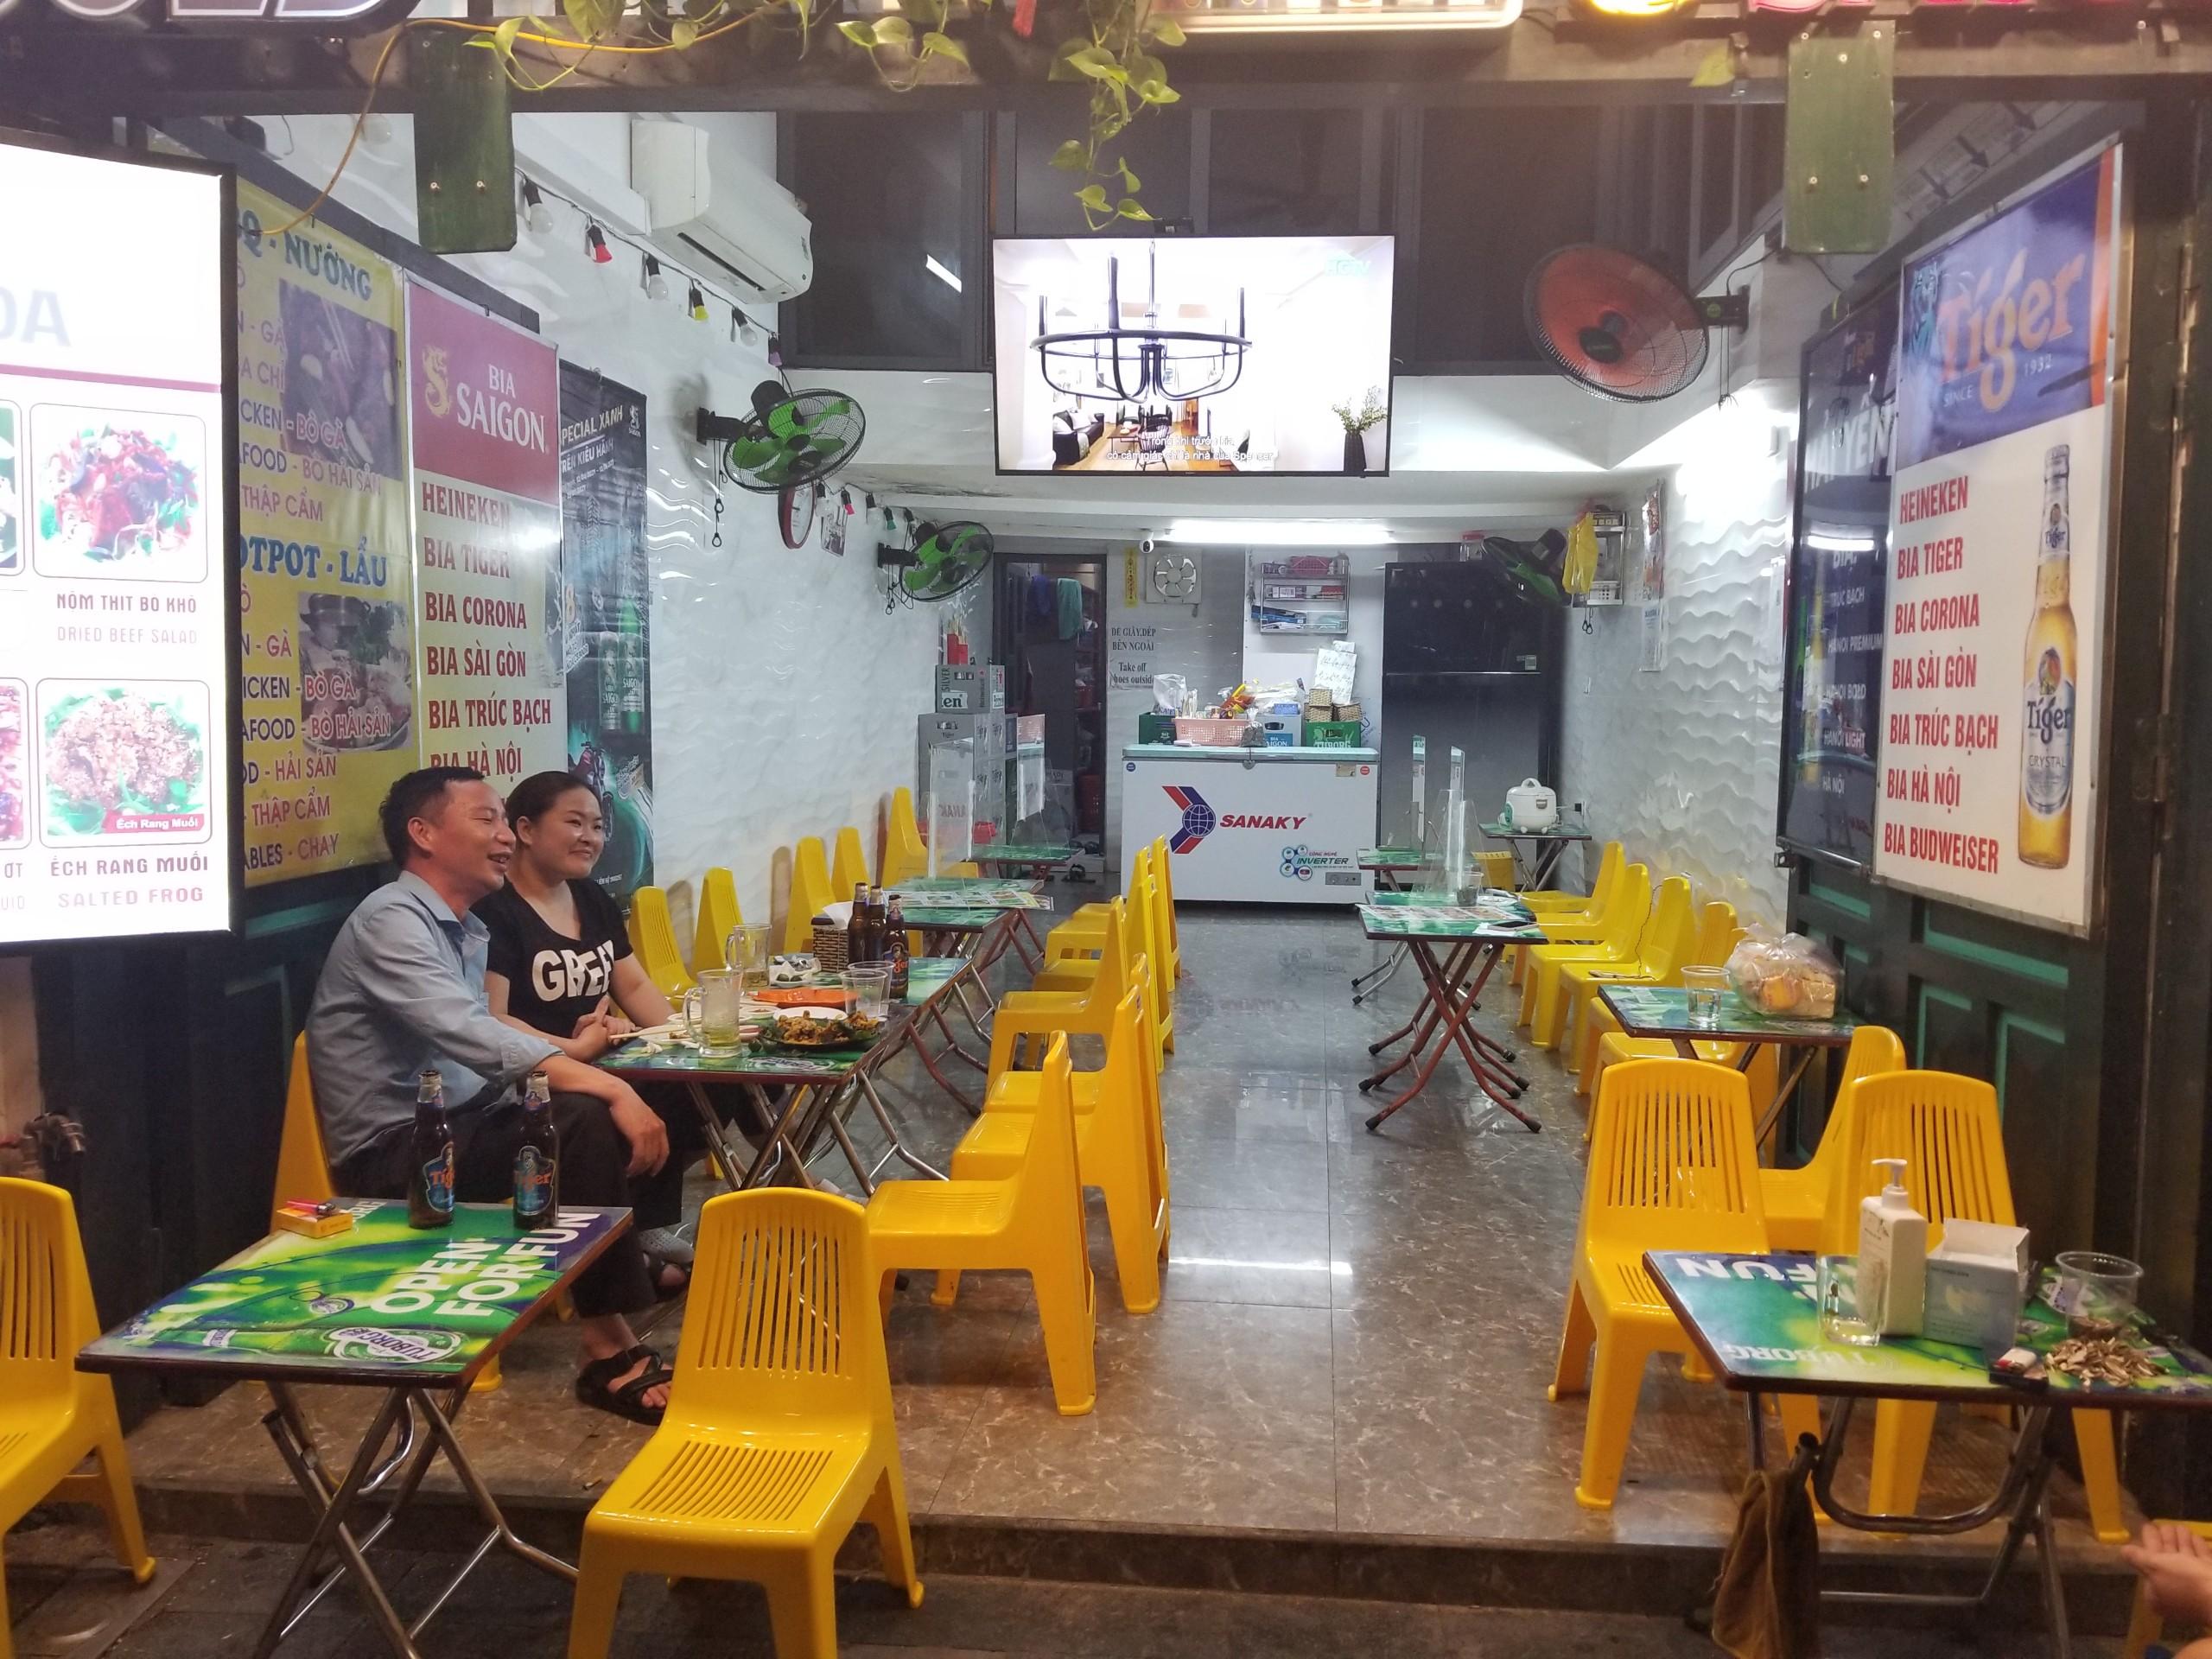 Phố cổ Tạ Hiện buồn hiu ngày dịch, hộ kinh doanh chán nản vì ế khách - Ảnh 4.